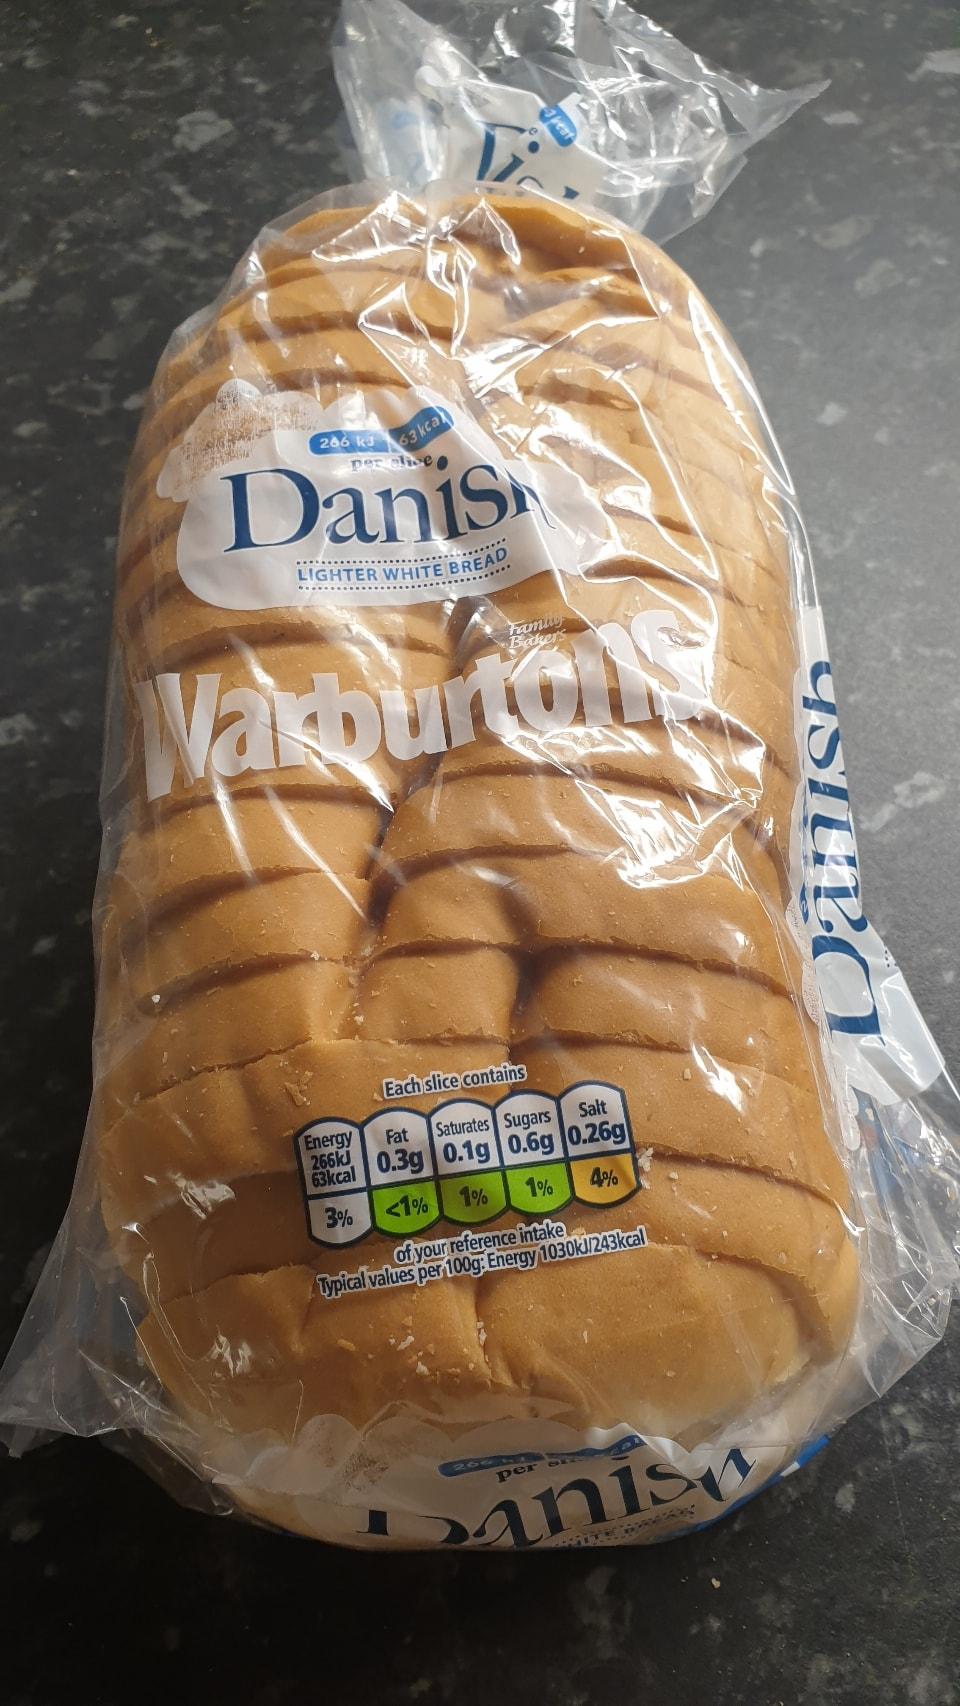 Lighter white bread